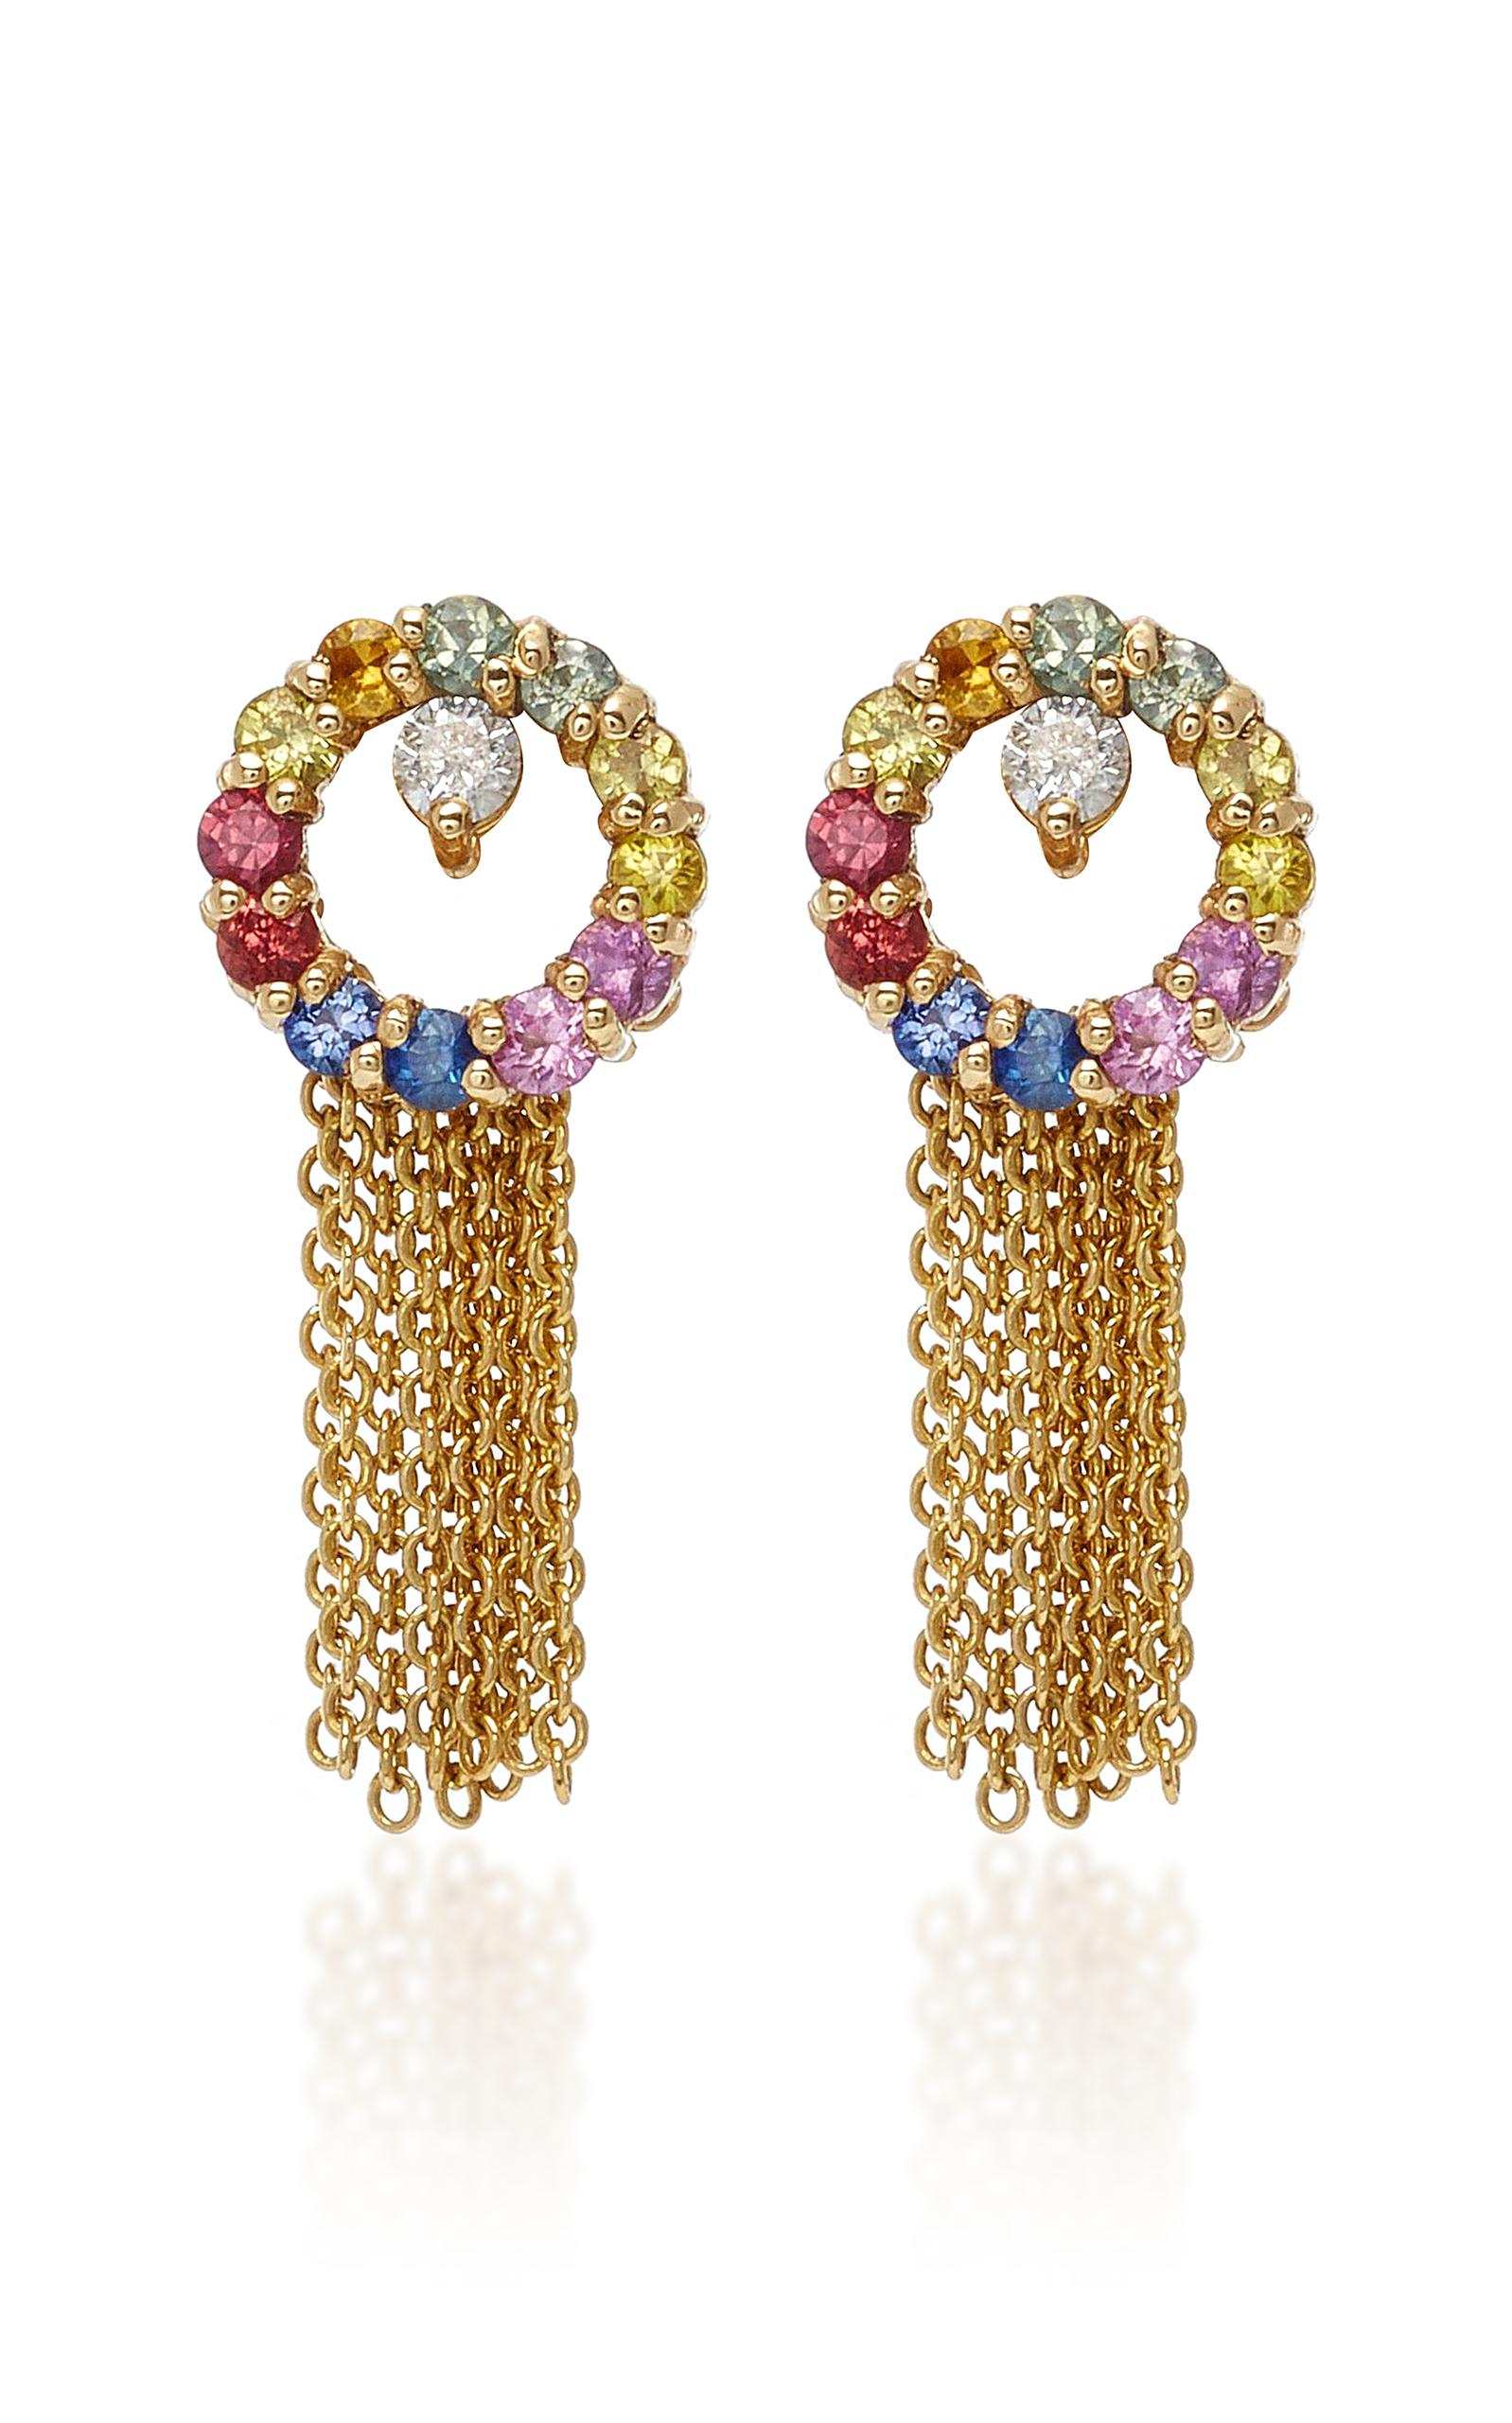 Eden Presley 14k Gold Sapphire Earrings eKTWphZo2t